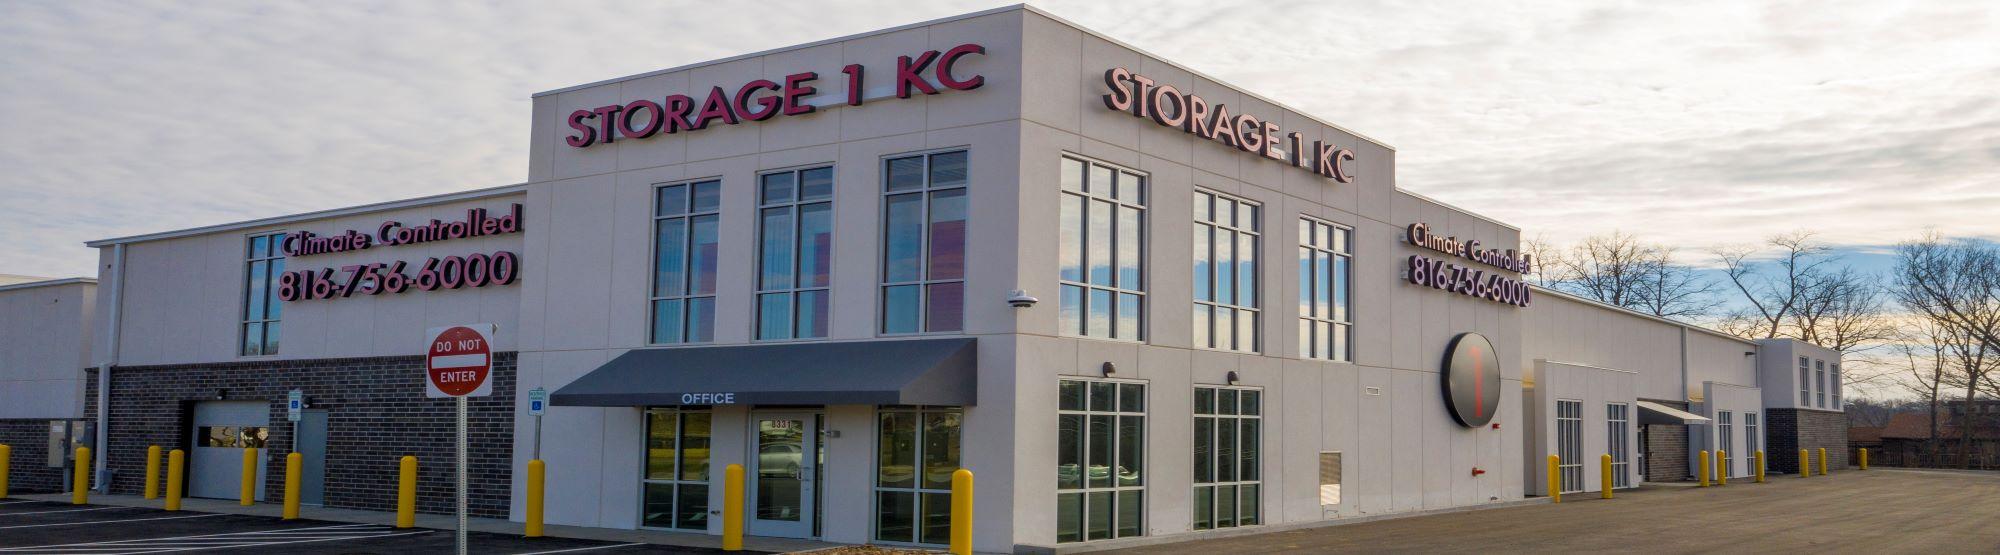 Storage 1 KC